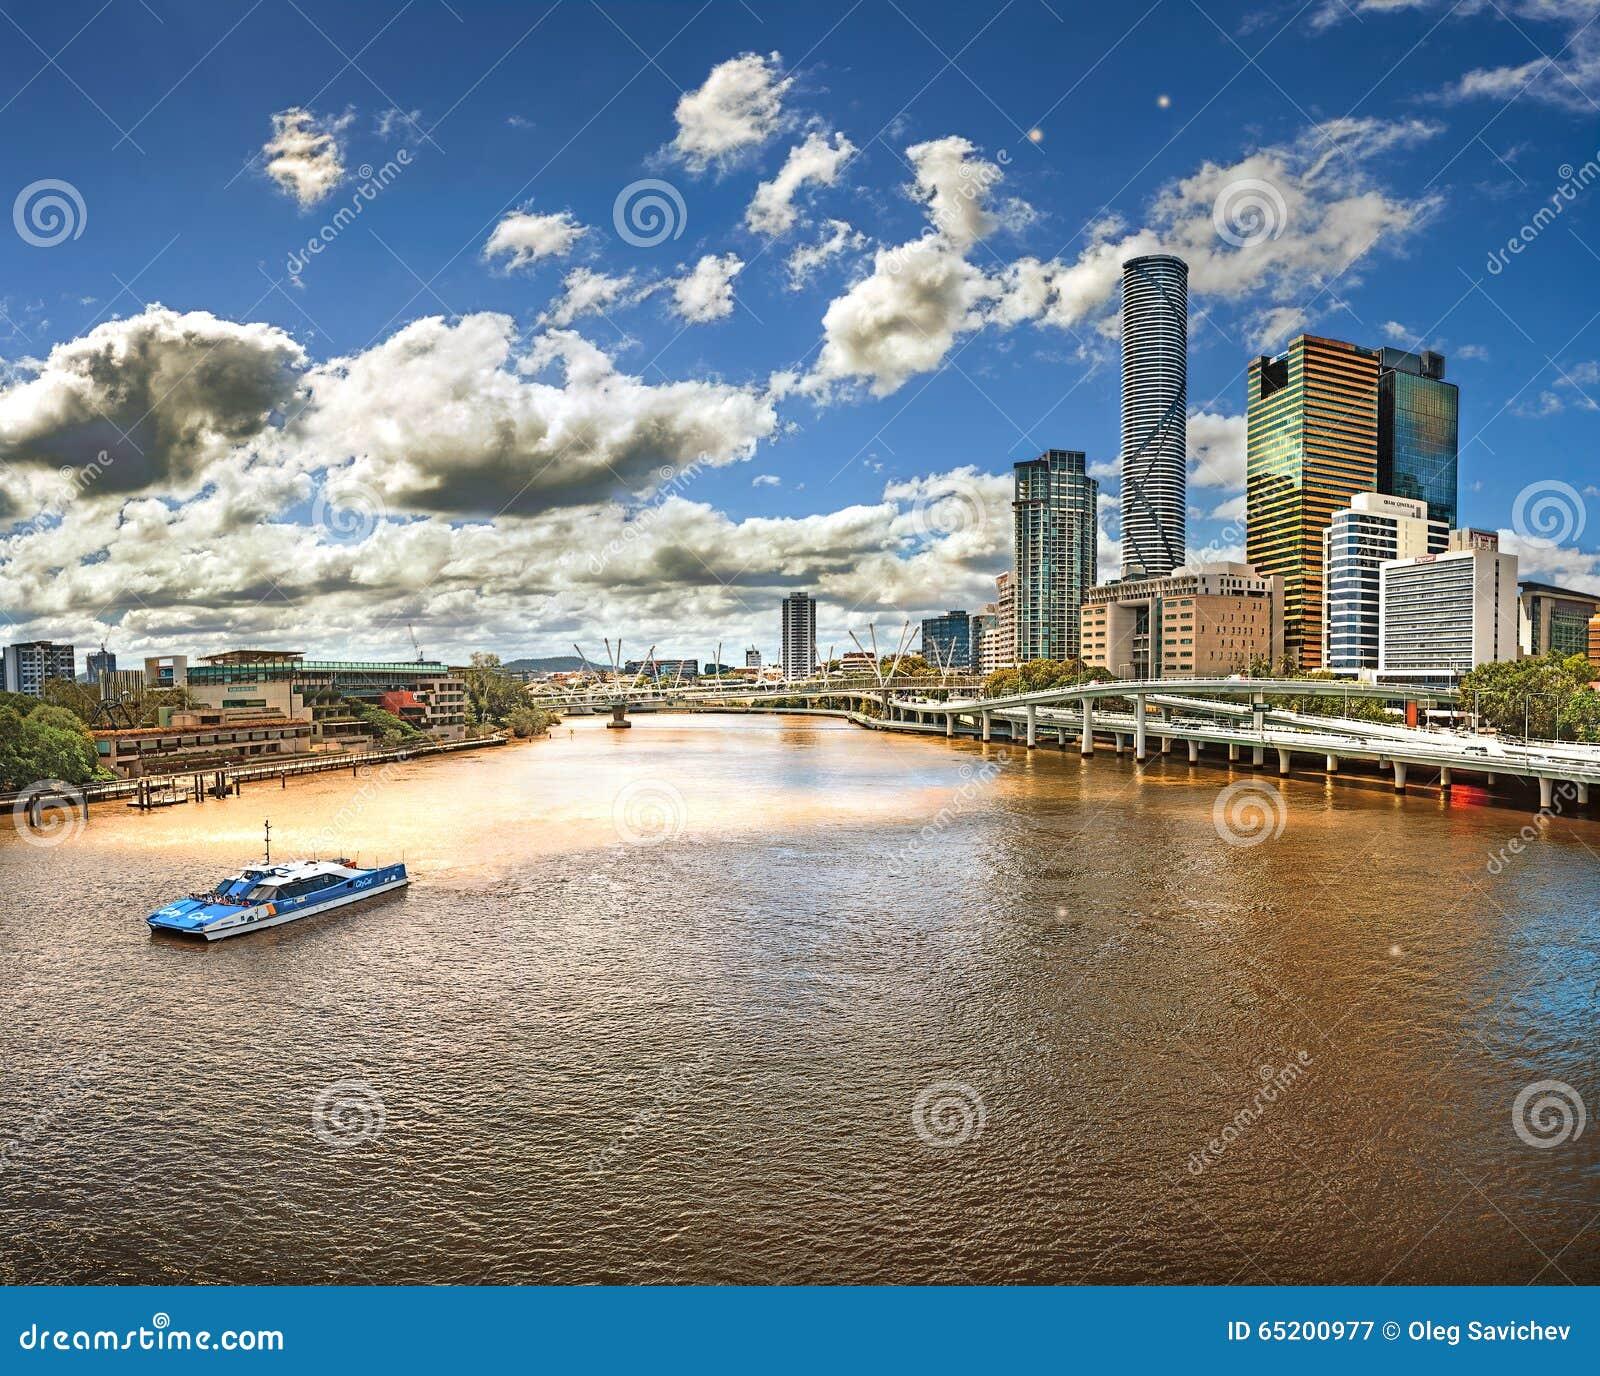 Ansicht von der Brücke über dem Fluss Brisbane (Australien, Brisbane) mit Ansichten der Wolkenkratzer der Stadt